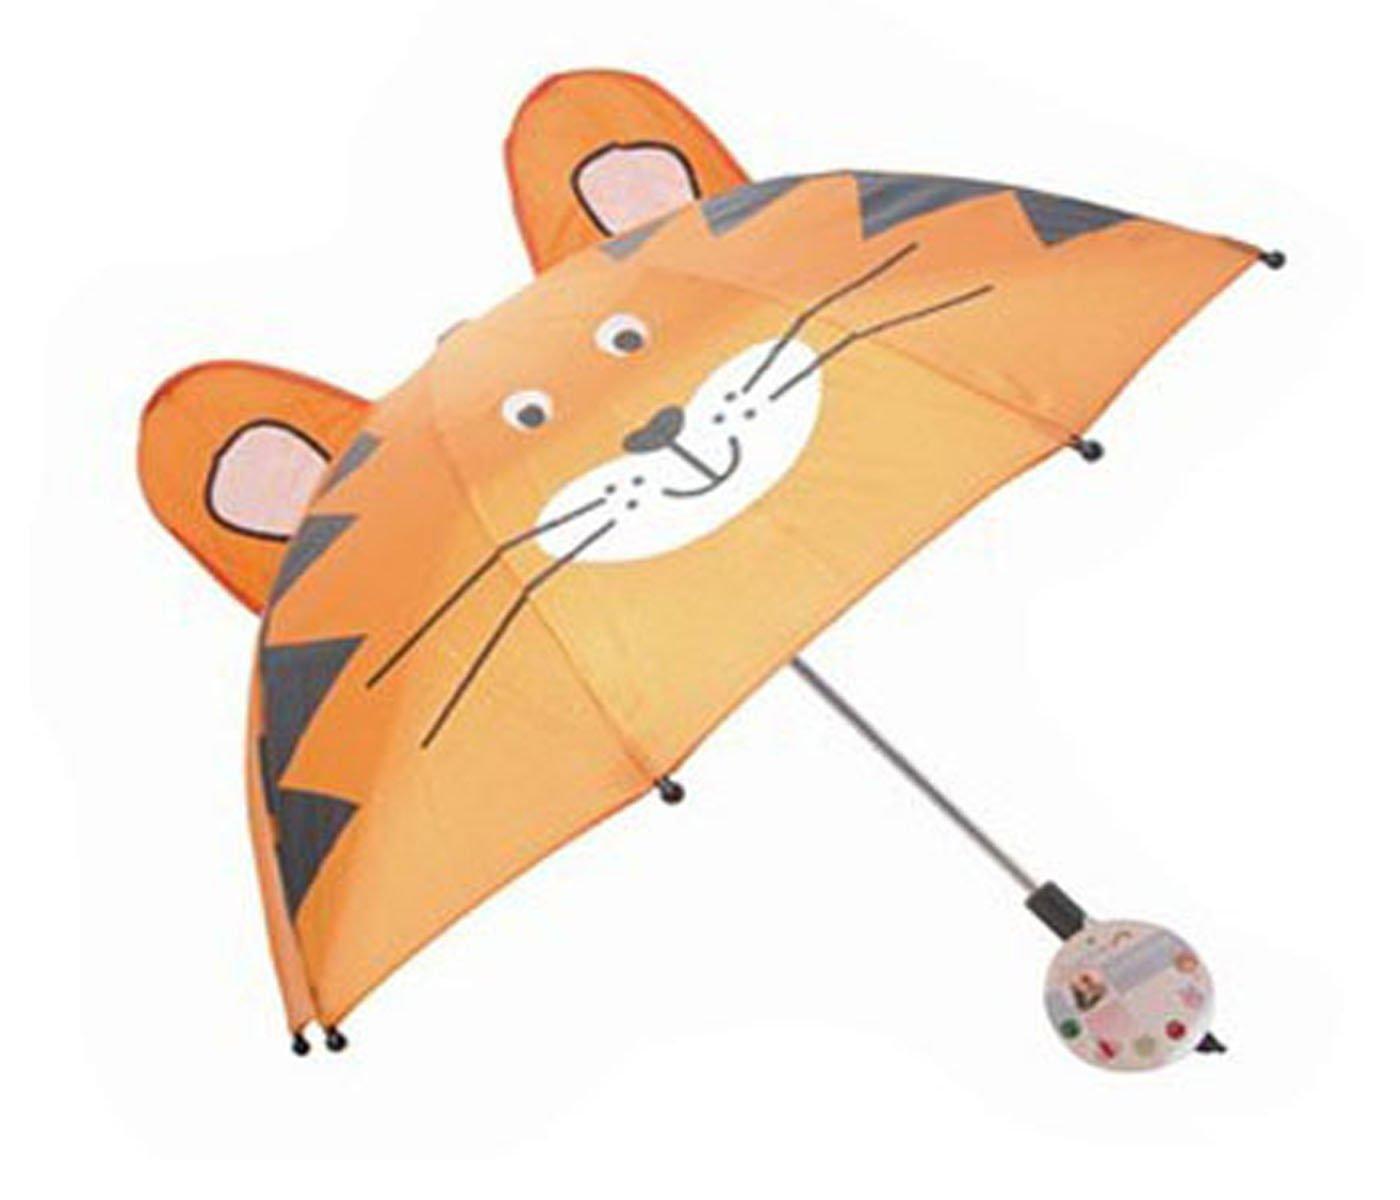 Paraguas plegable compacto para niños, con un lúdico y divertido diseño, para sus primeros pasos, plegable, pequeño, ligero, de bolsillo, de invierno, ...